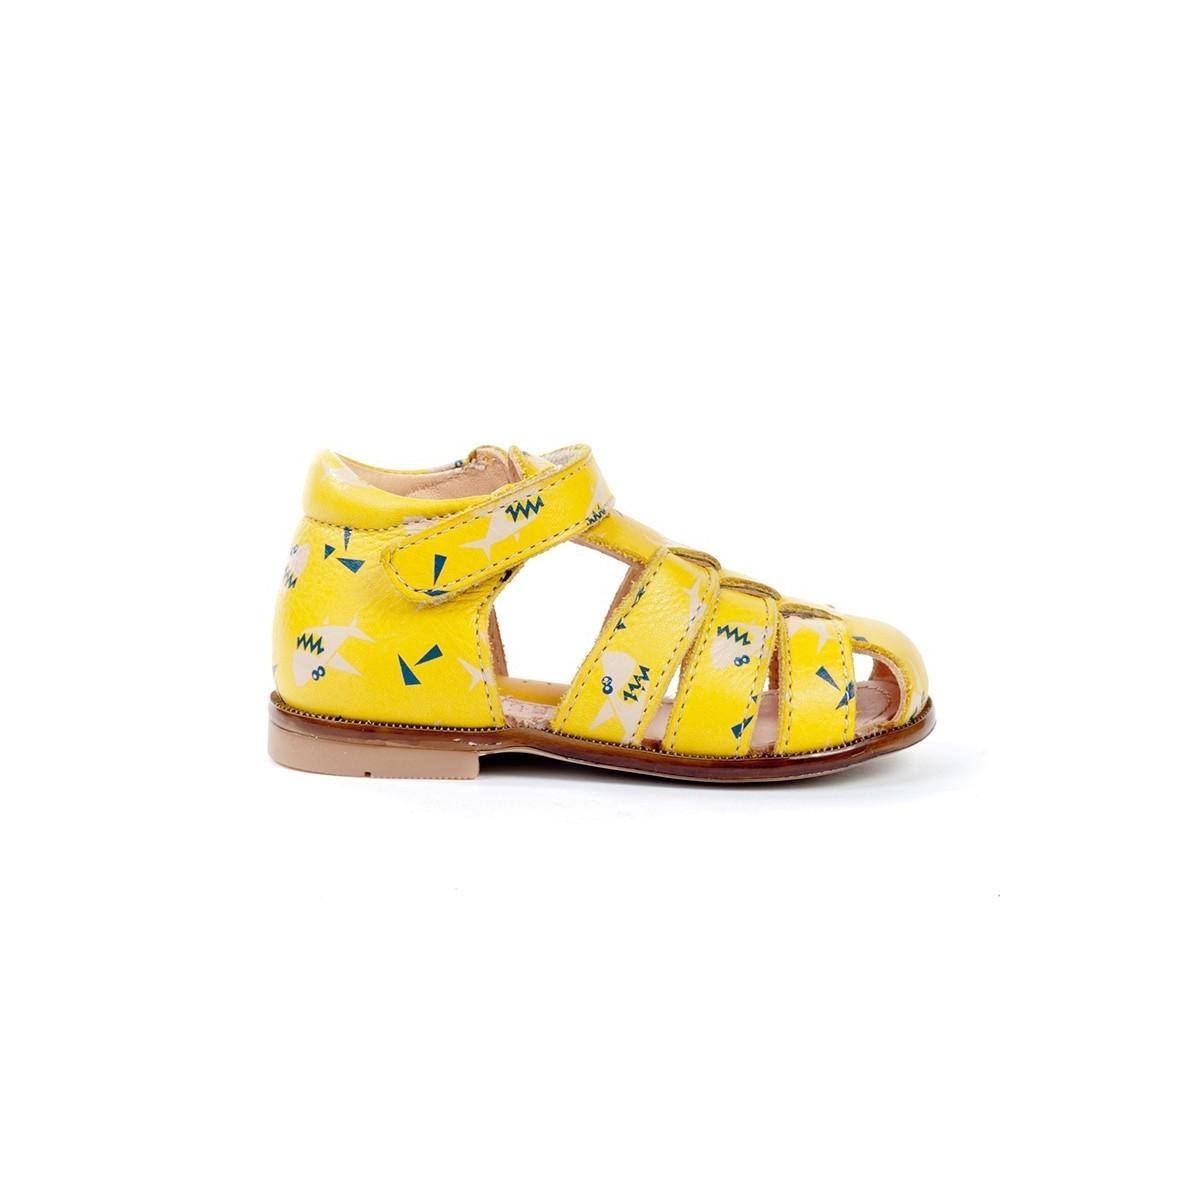 Sandale montante fermée cuir jaune imprimé dino